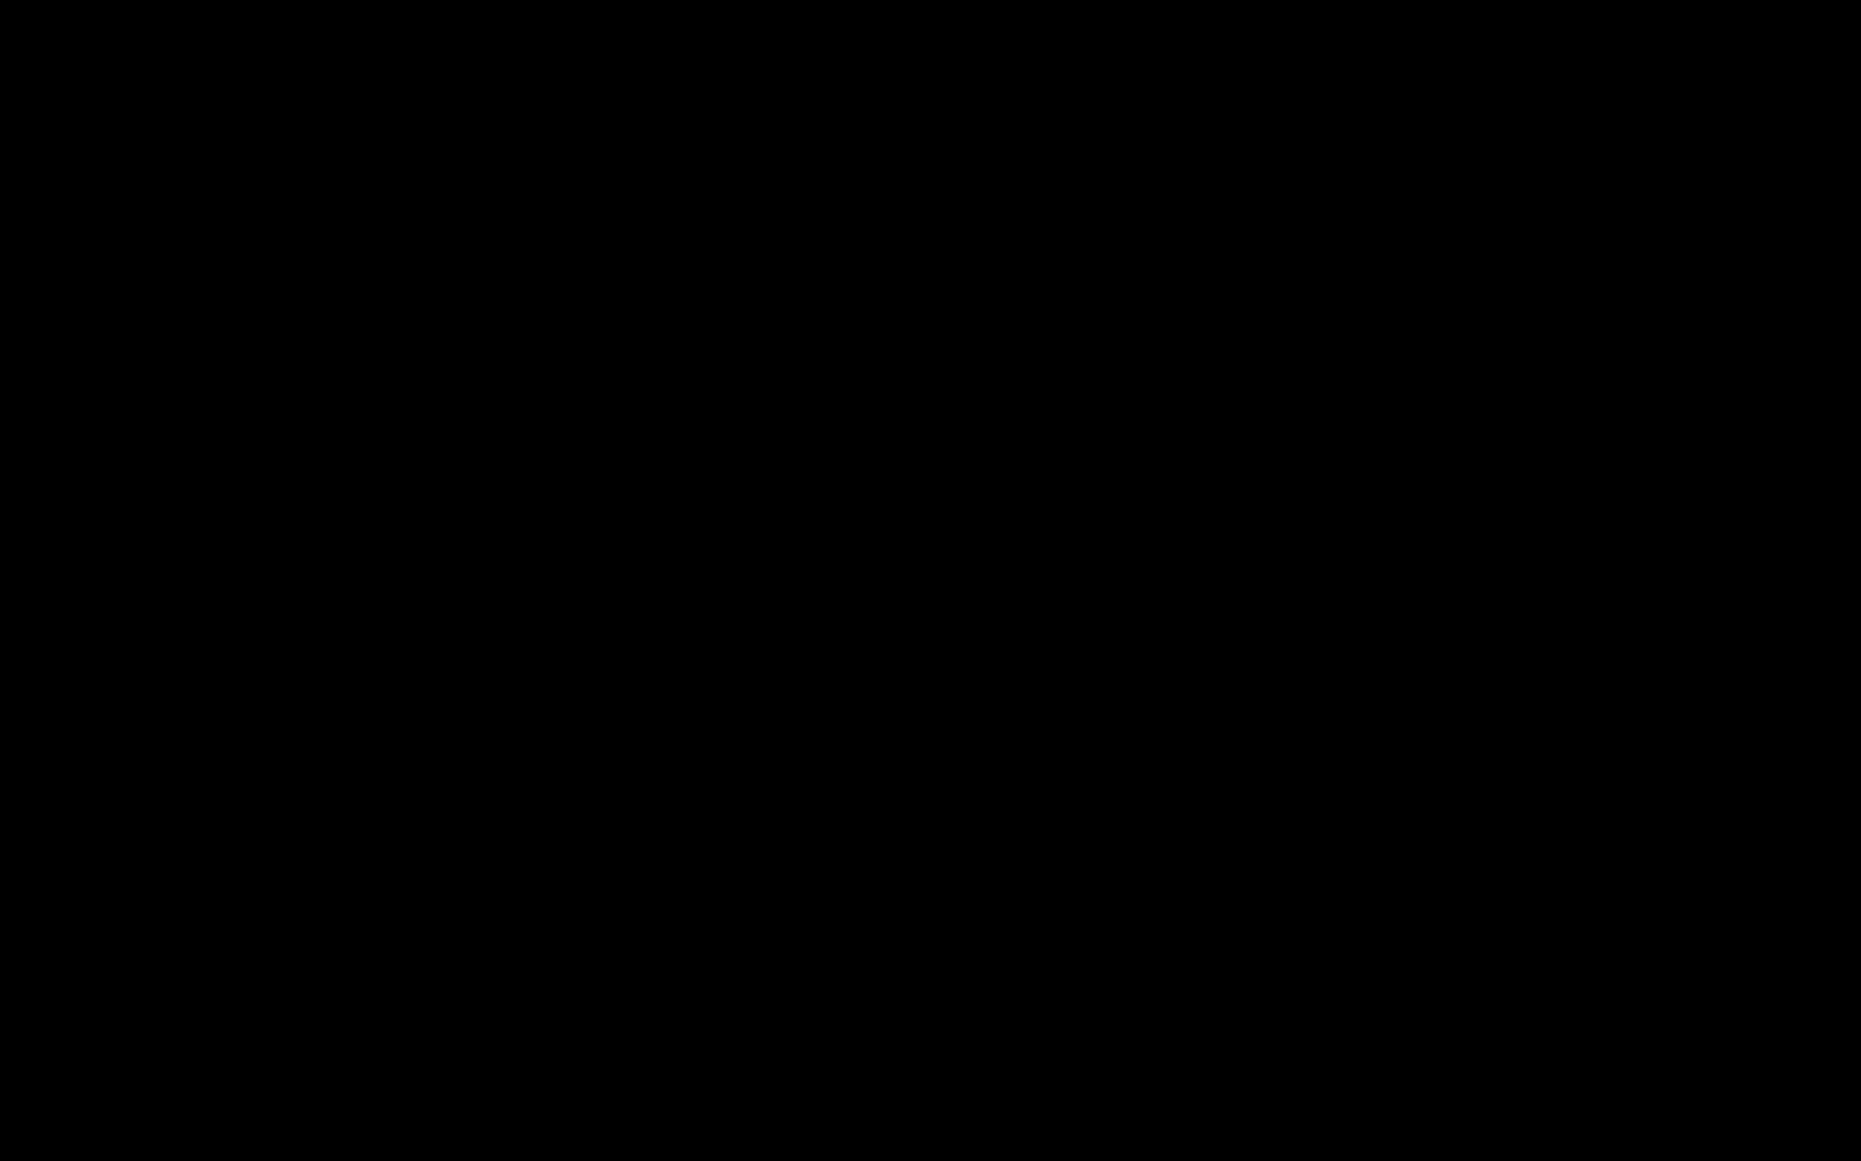 etracker bietet datenschutzkonforme Web-Analytics-Lösung kostenfrei an